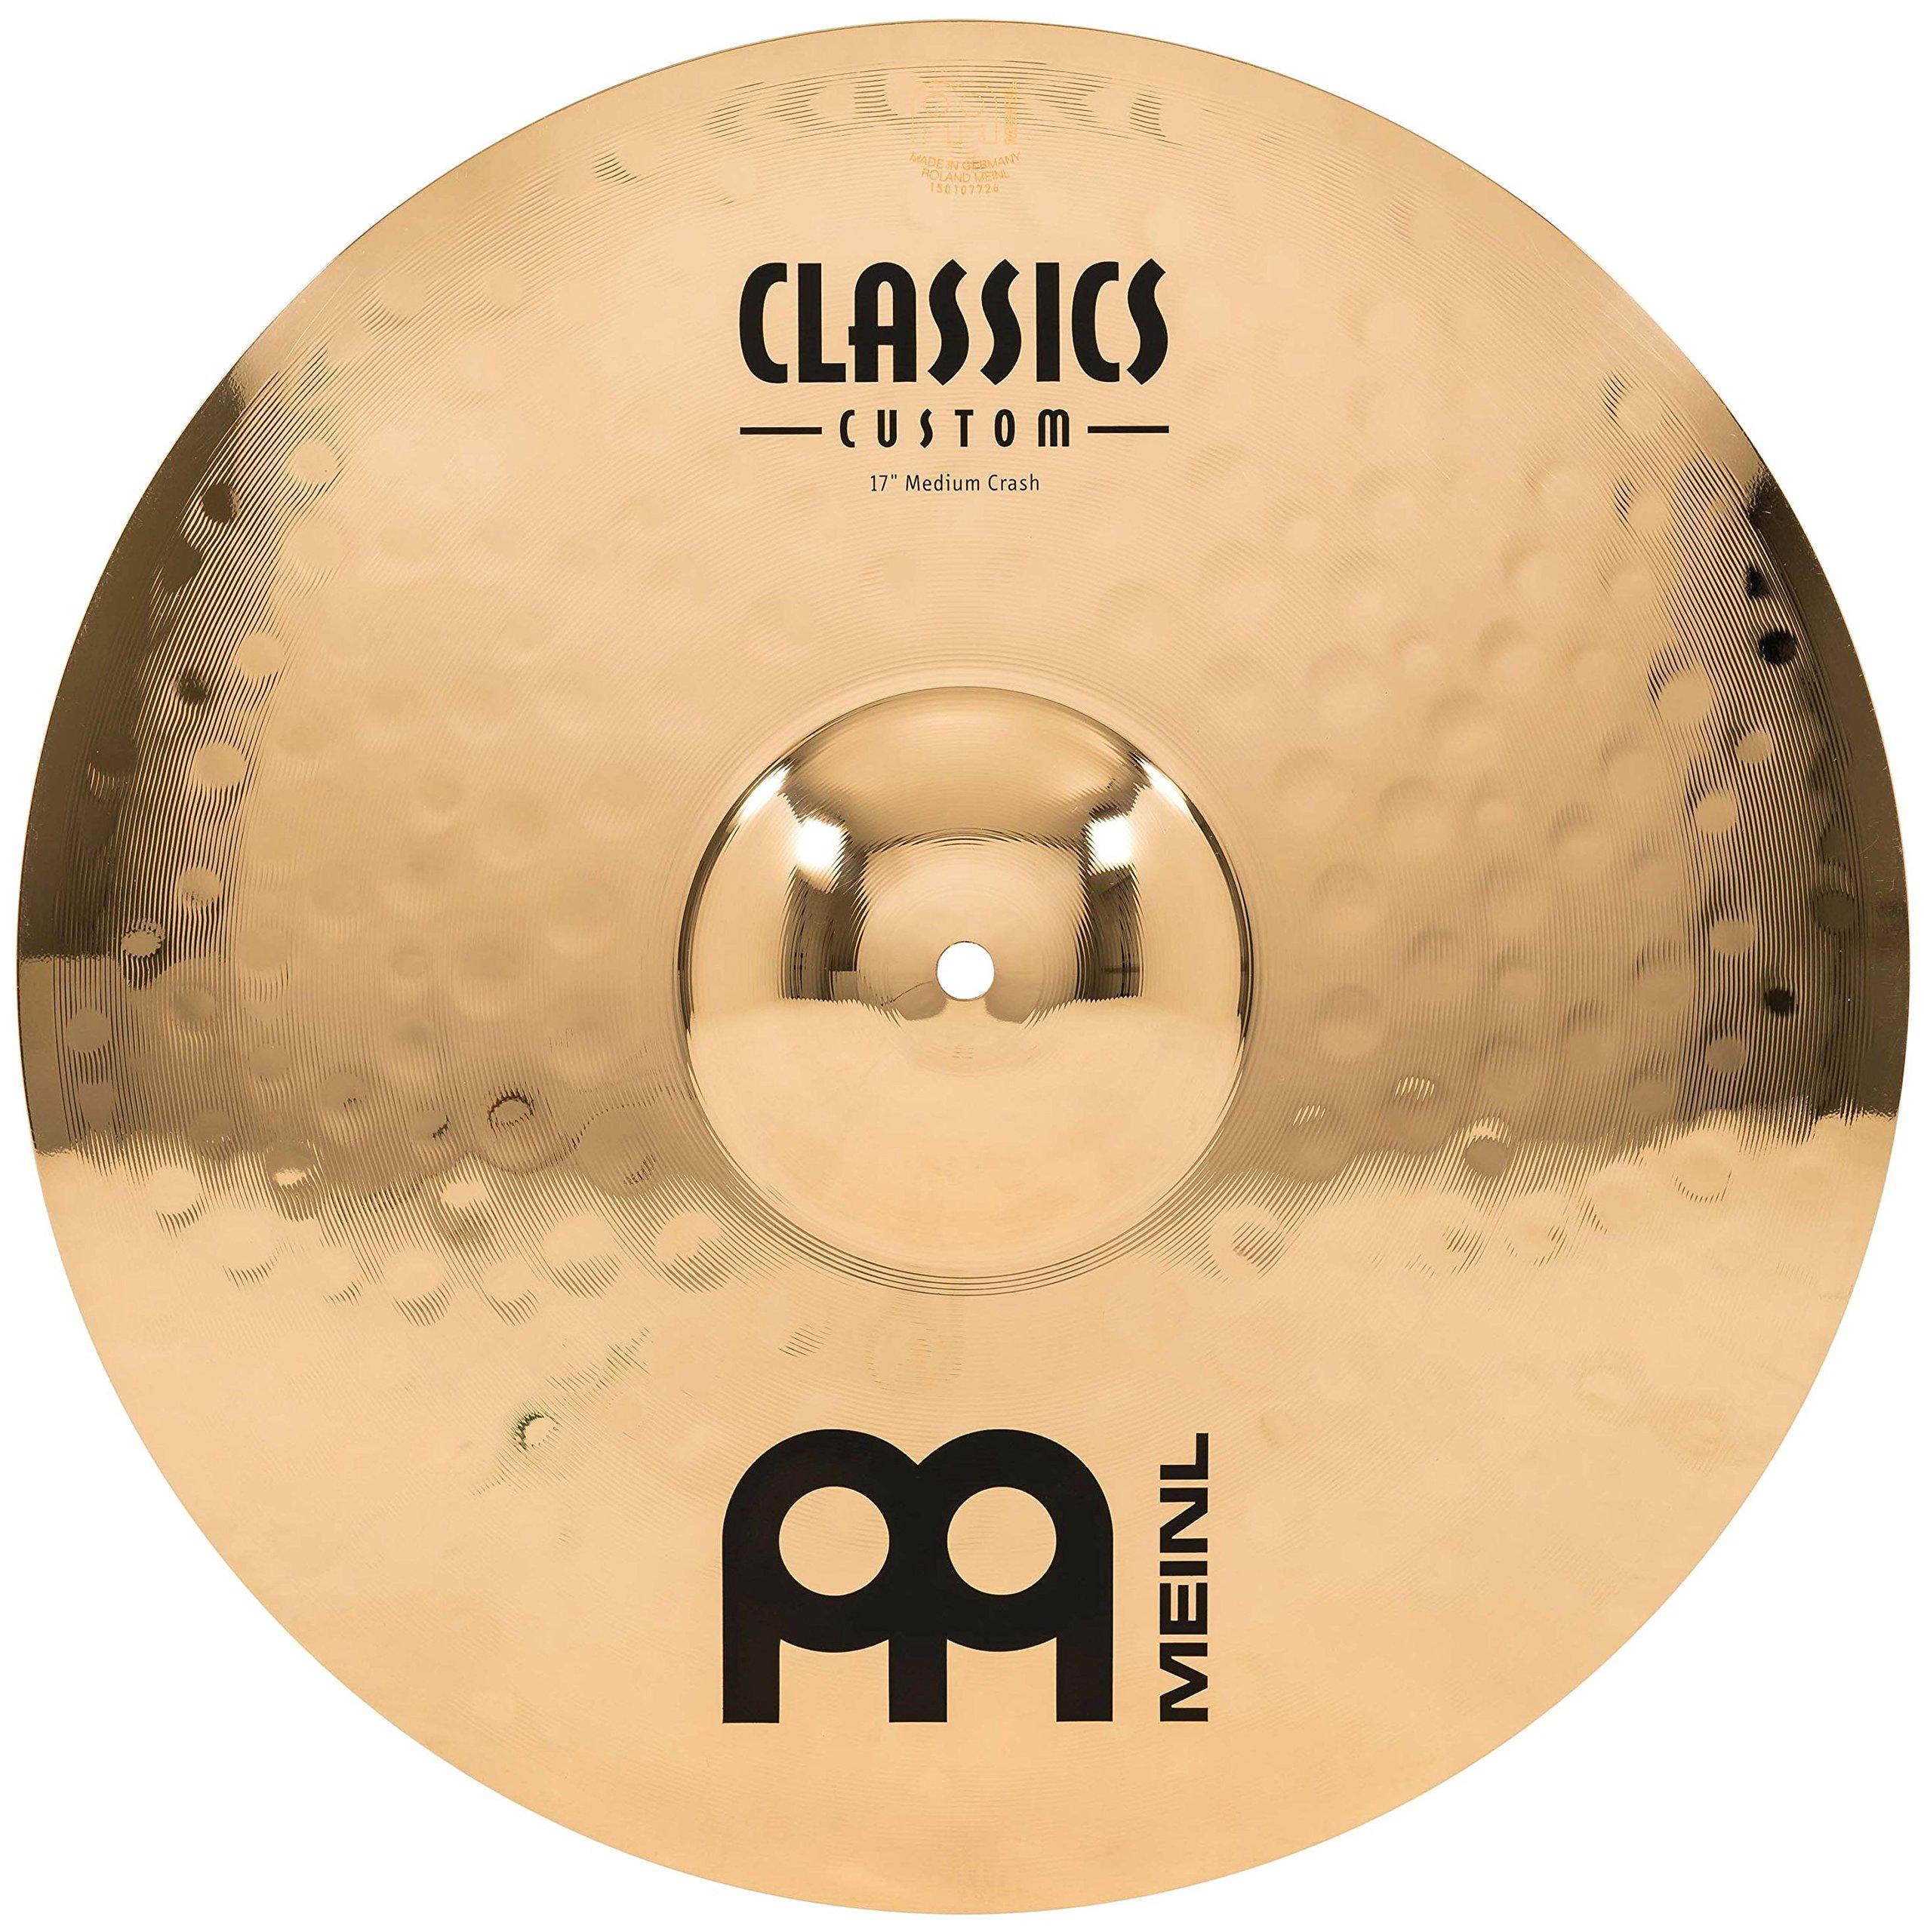 Meinl 17'' Medium Crash Cymbal  -  Classics Custom Brilliant - Made in Germany, 2-YEAR WARRANTY (CC17MC-B) by Meinl Cymbals